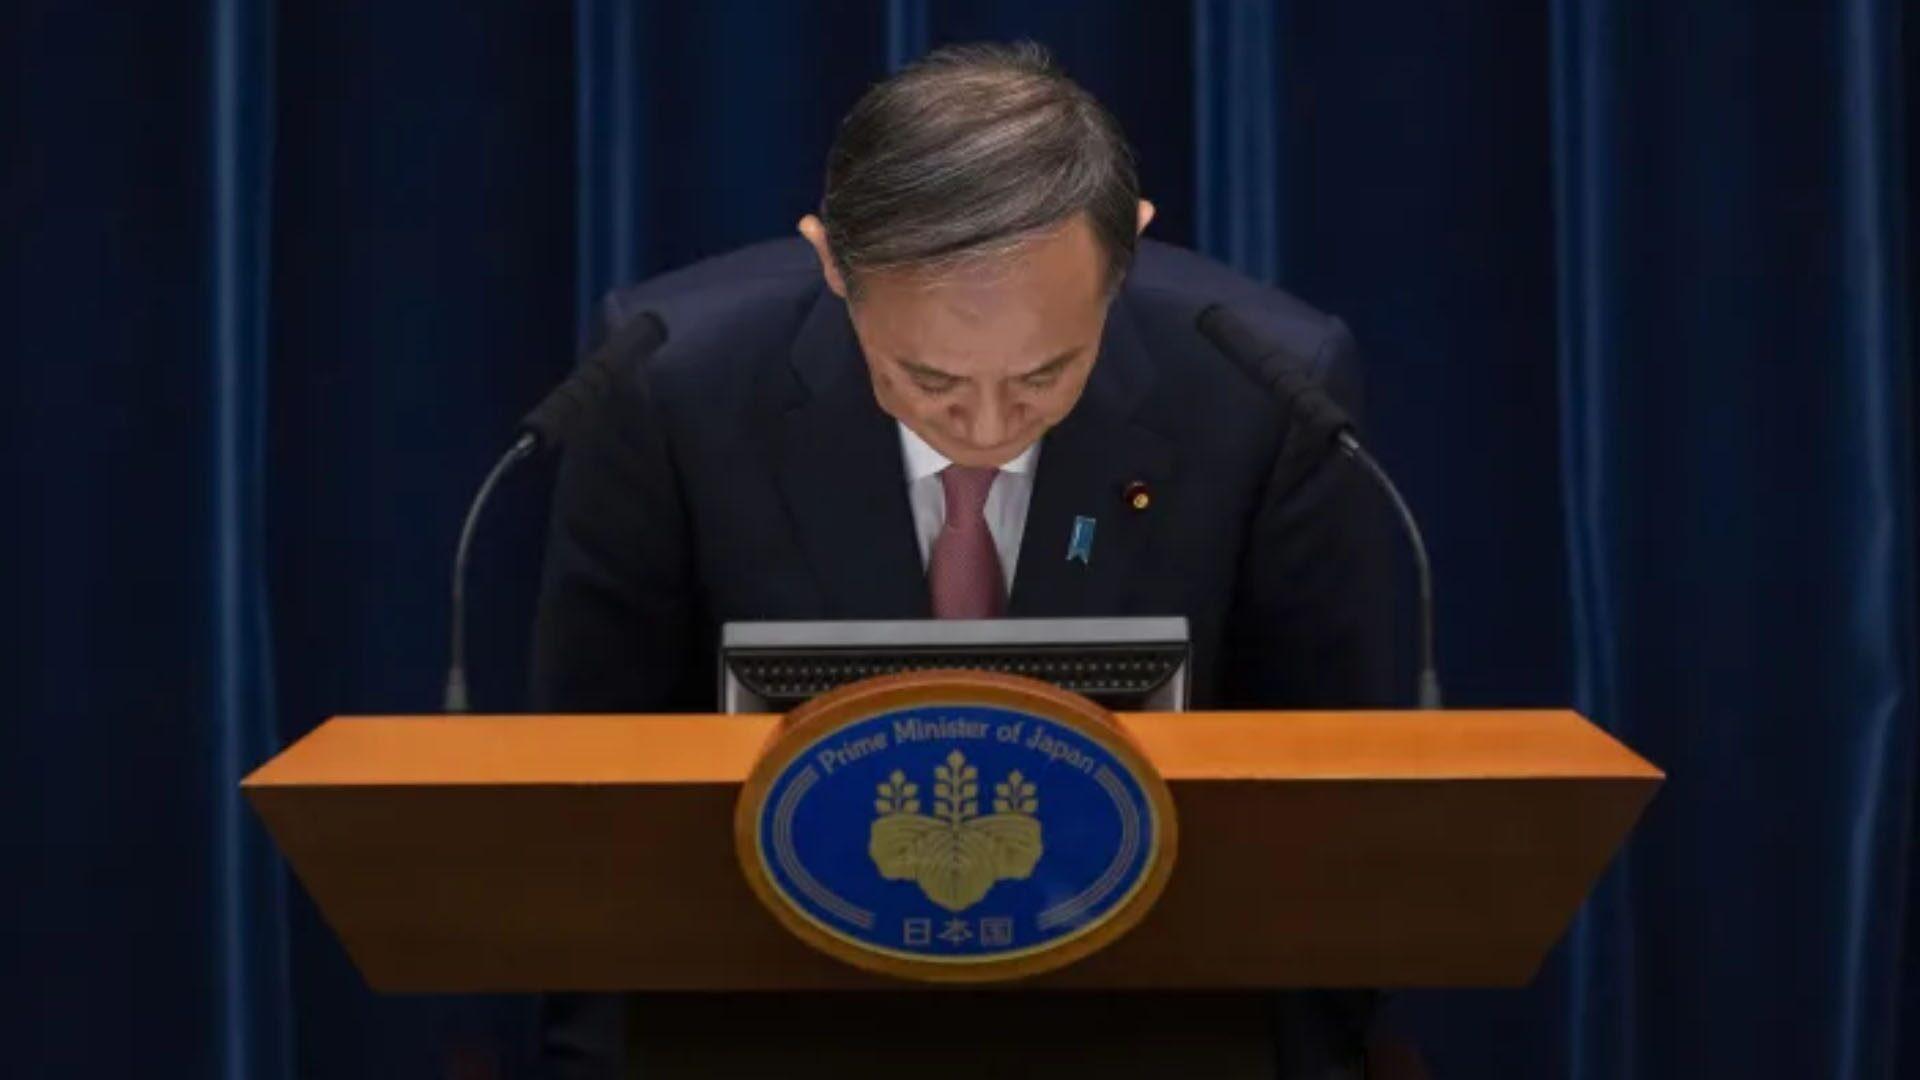 นายกฯญี่ปุ่นโค้งขอโทษปชช. ต้องขยายพื้นที่ประกาศสถานการณ์ฉุกเฉินรับมือโควิด